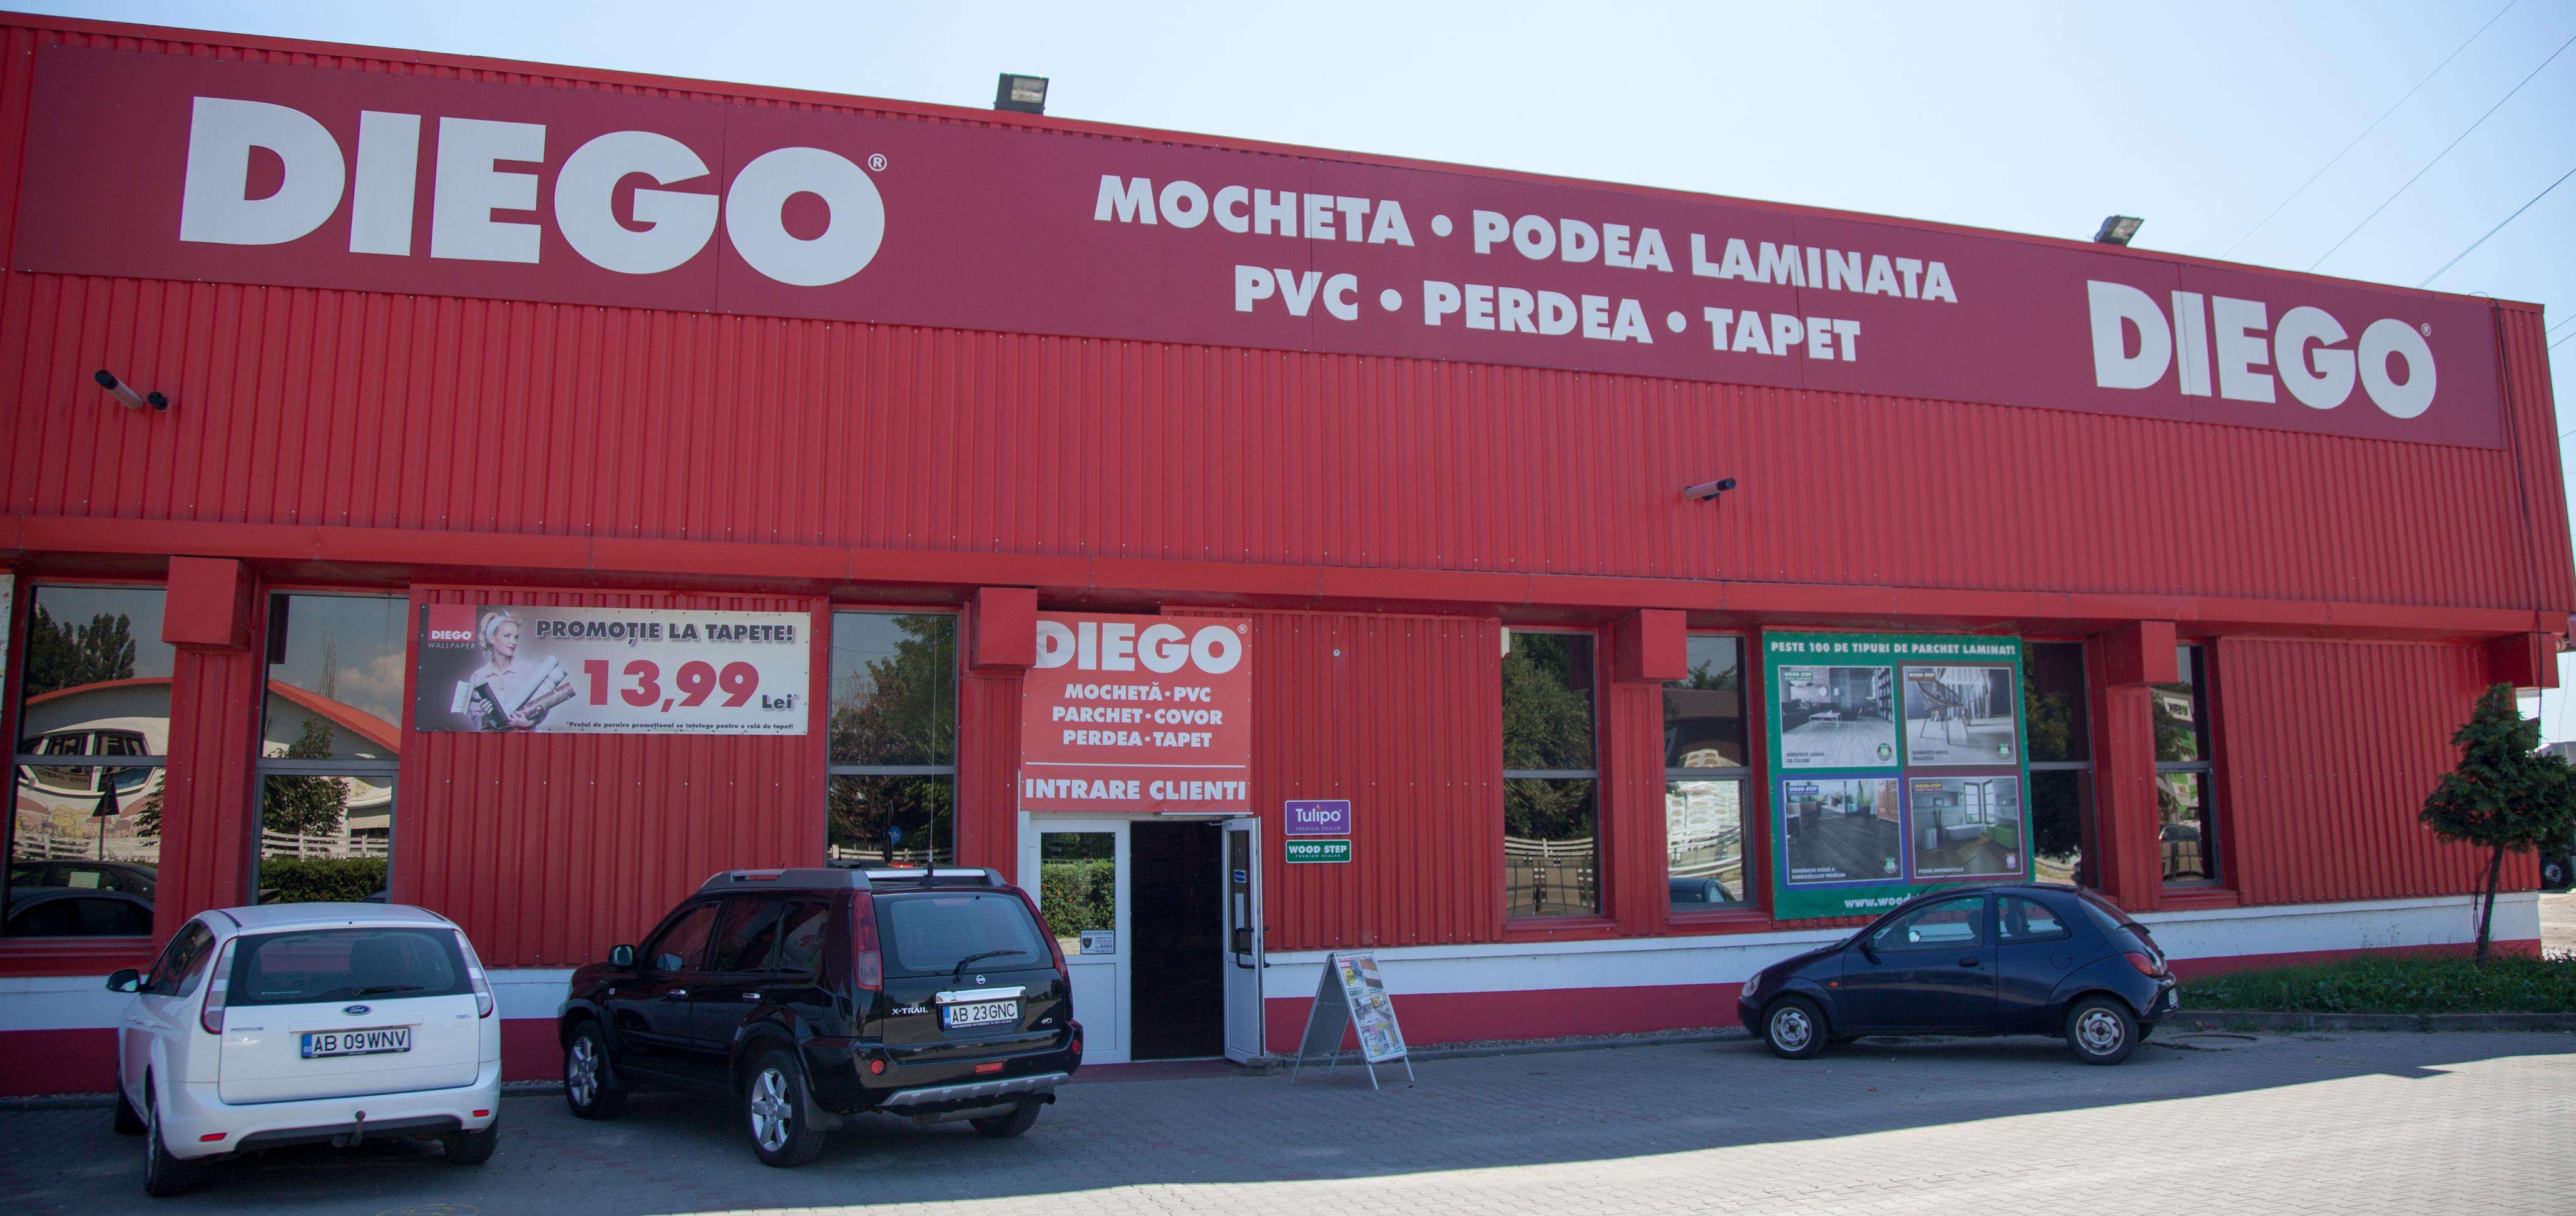 Magazinul DIEGO din Alba Iulia, soluția perfectă pentru amenajarea sau reamenajarea căminului dumneavoastră!